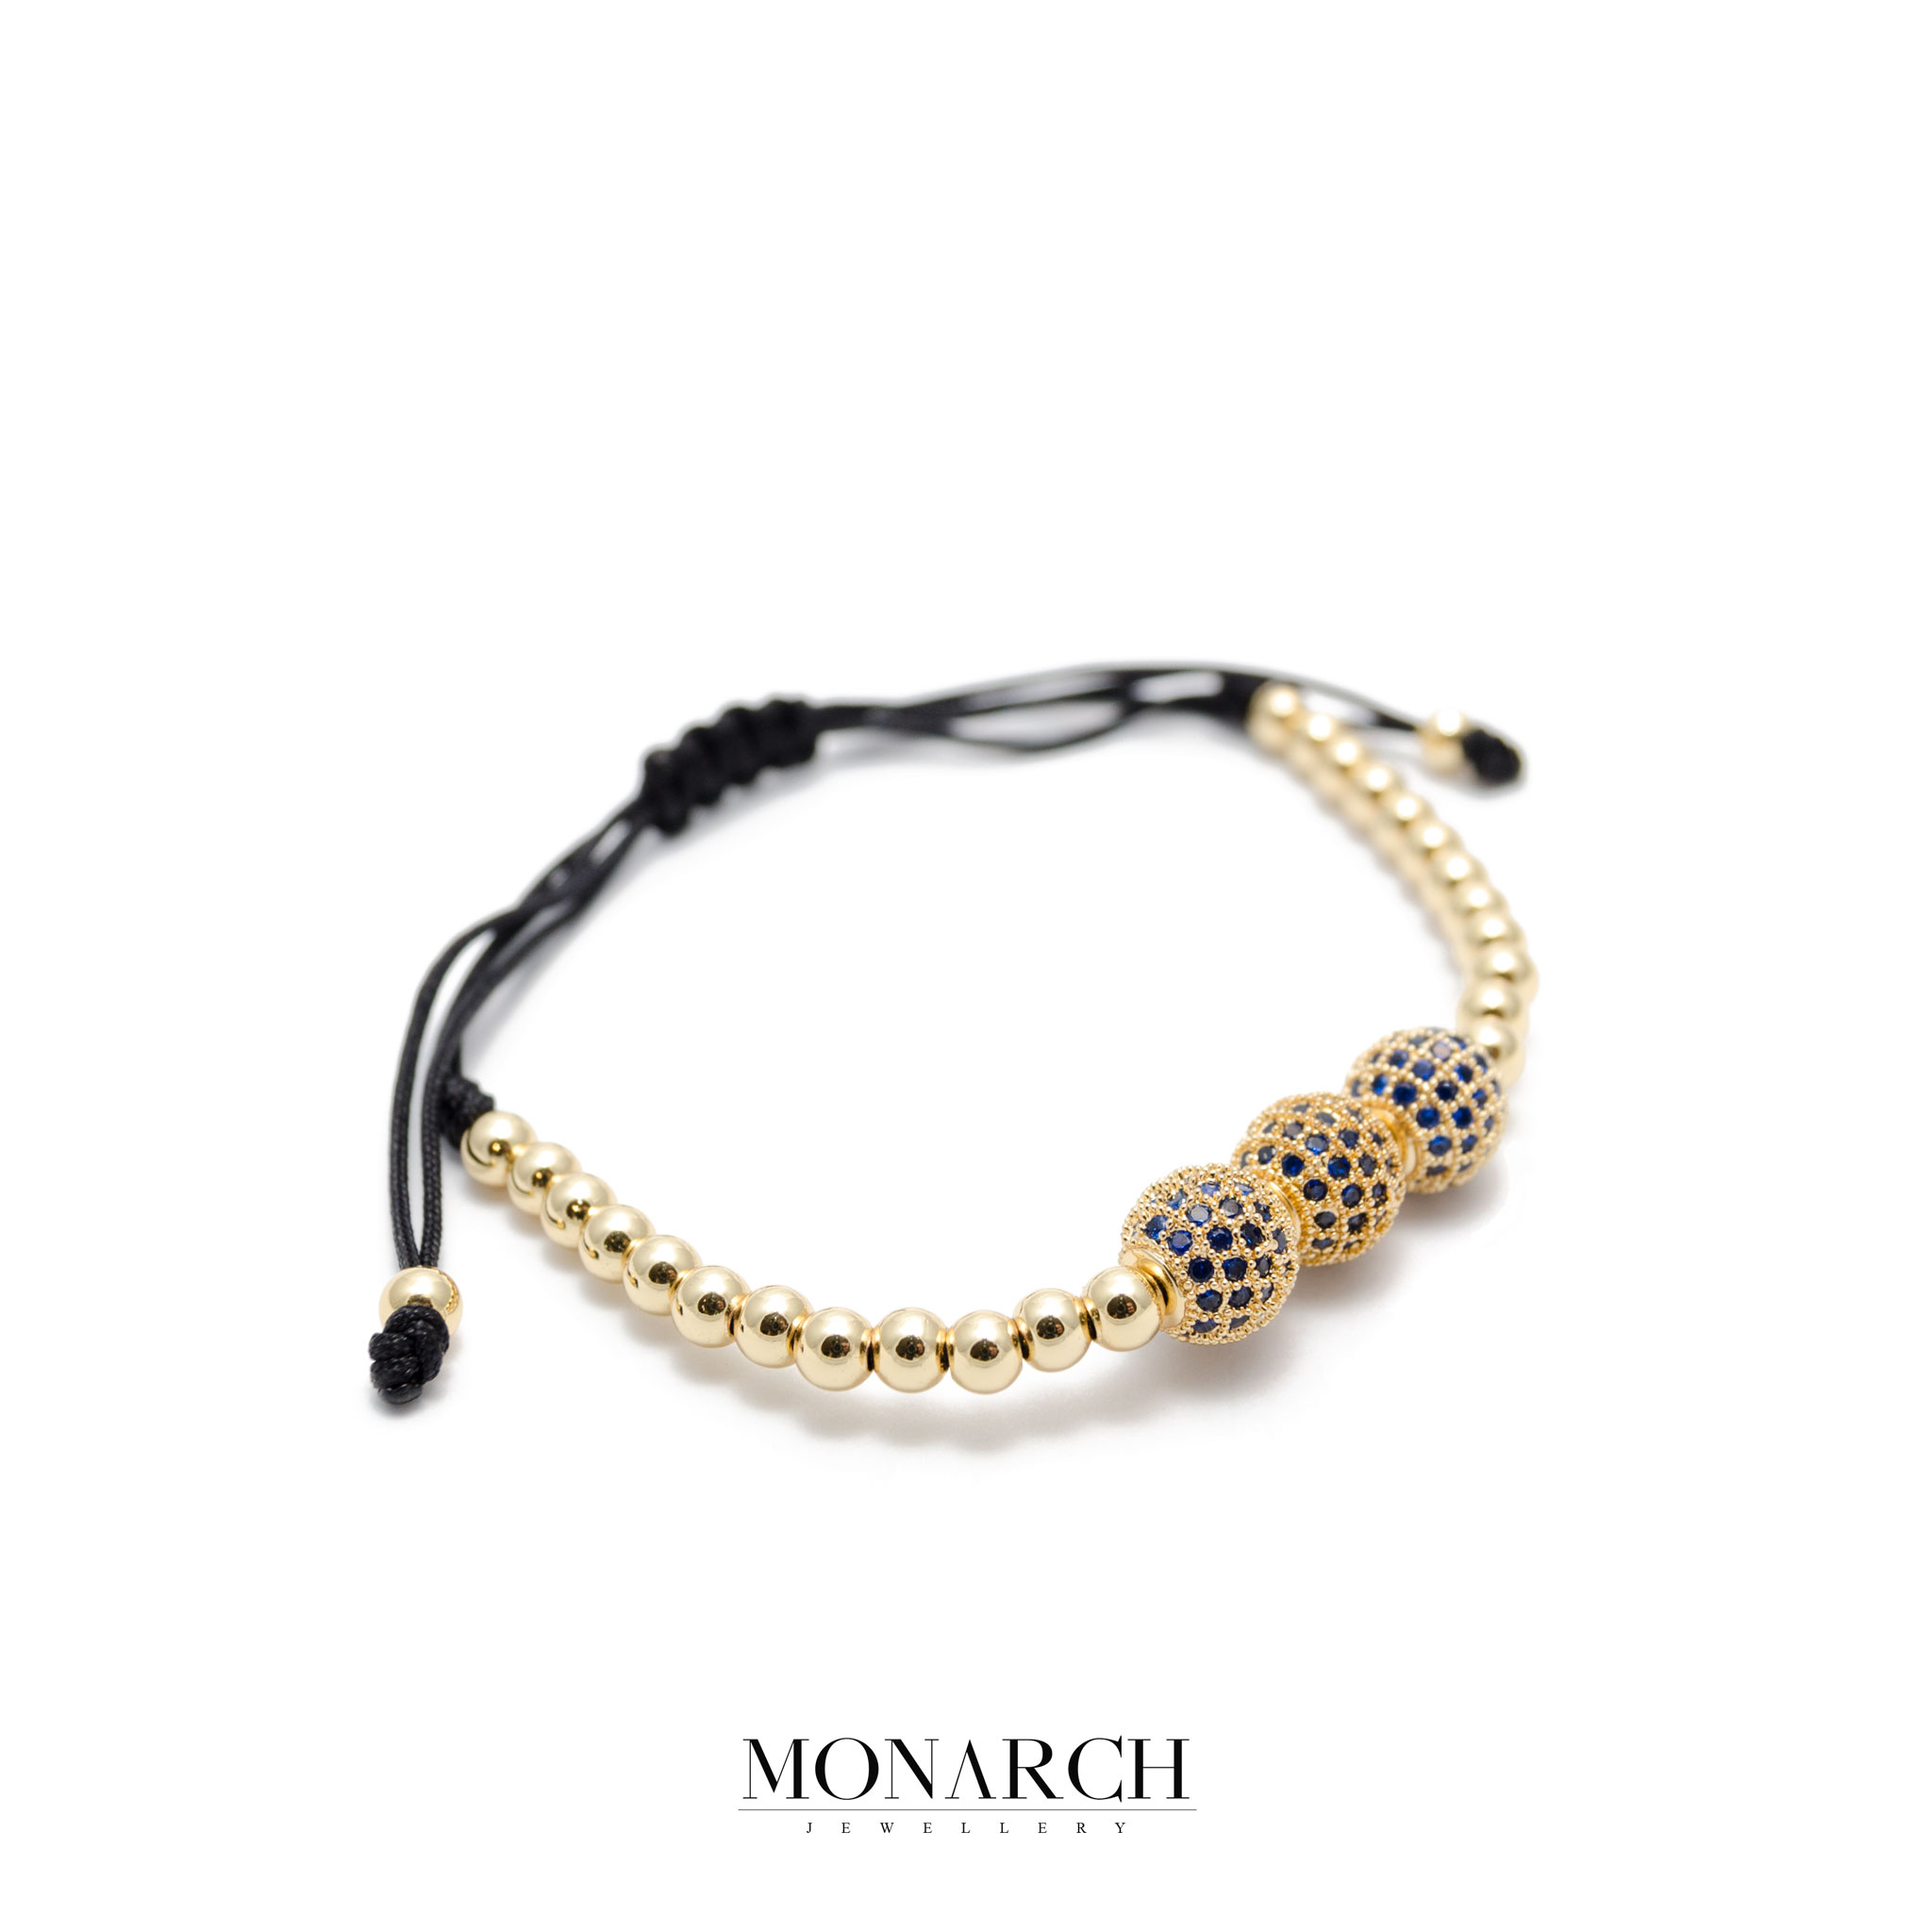 Monarch Jewellery 24K Gold Zircon 3 Bead Luxury Macrame Bracelet